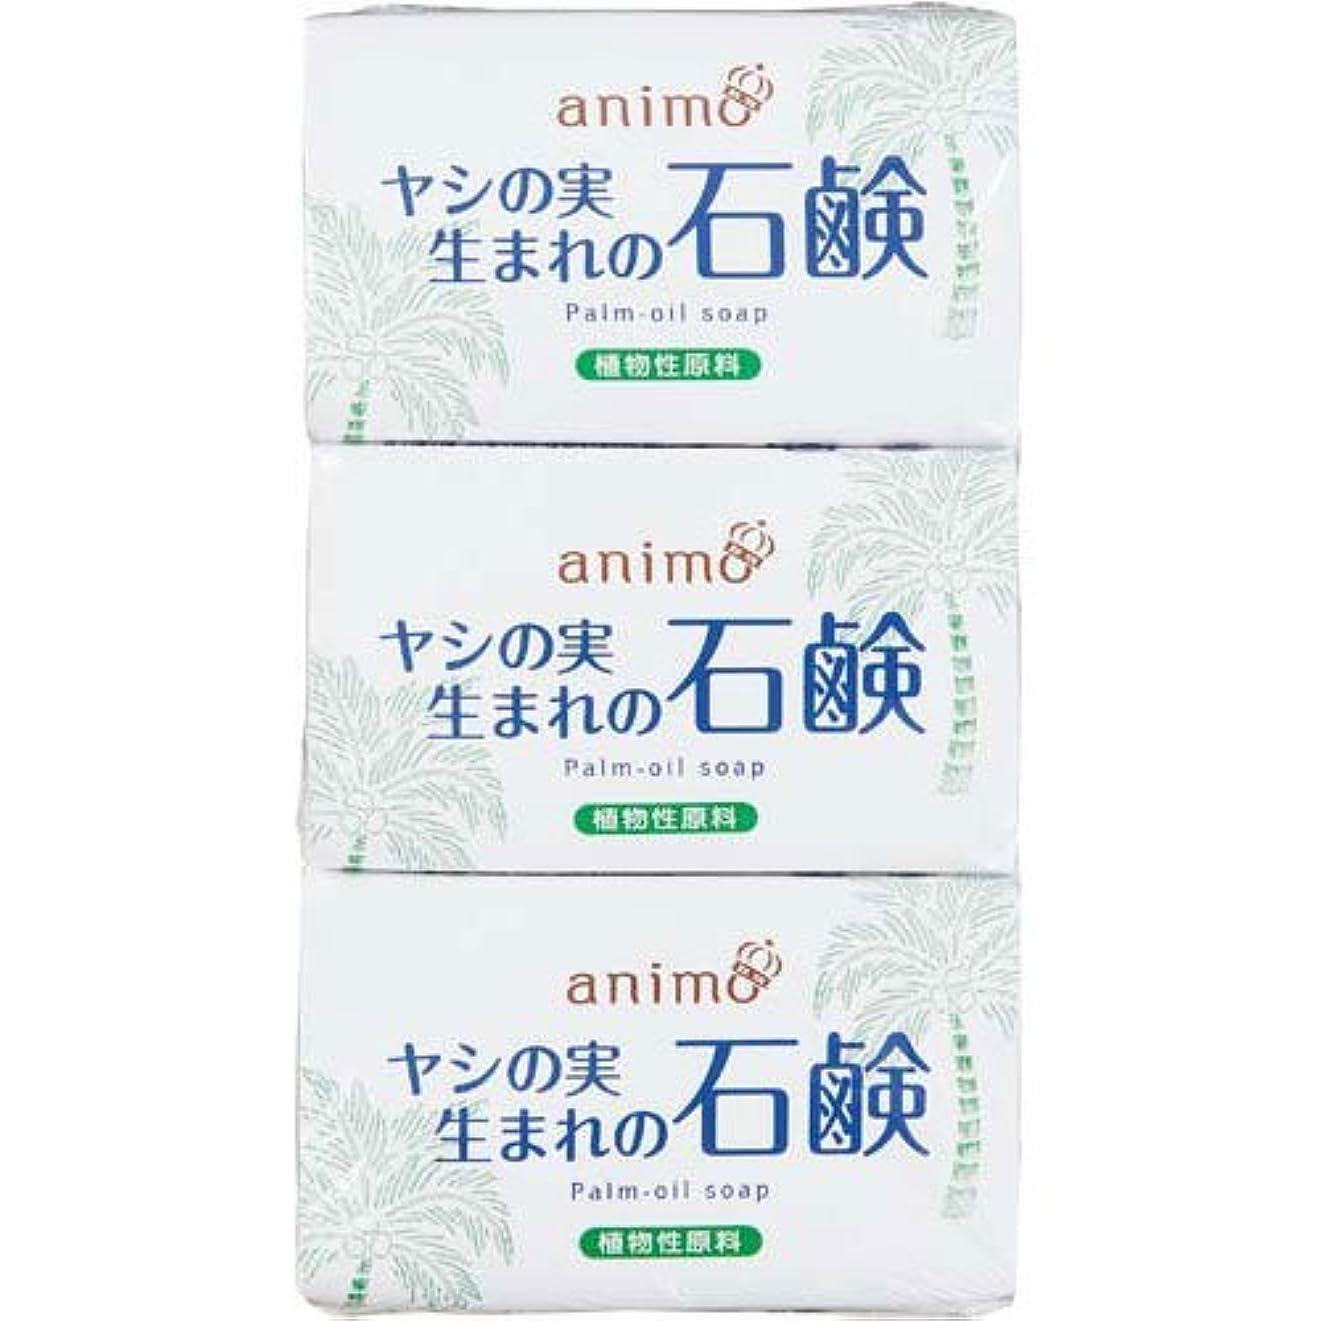 ベギン変装した精通したロケット石鹸 ヤシの実石鹸 80g×3個×5パック